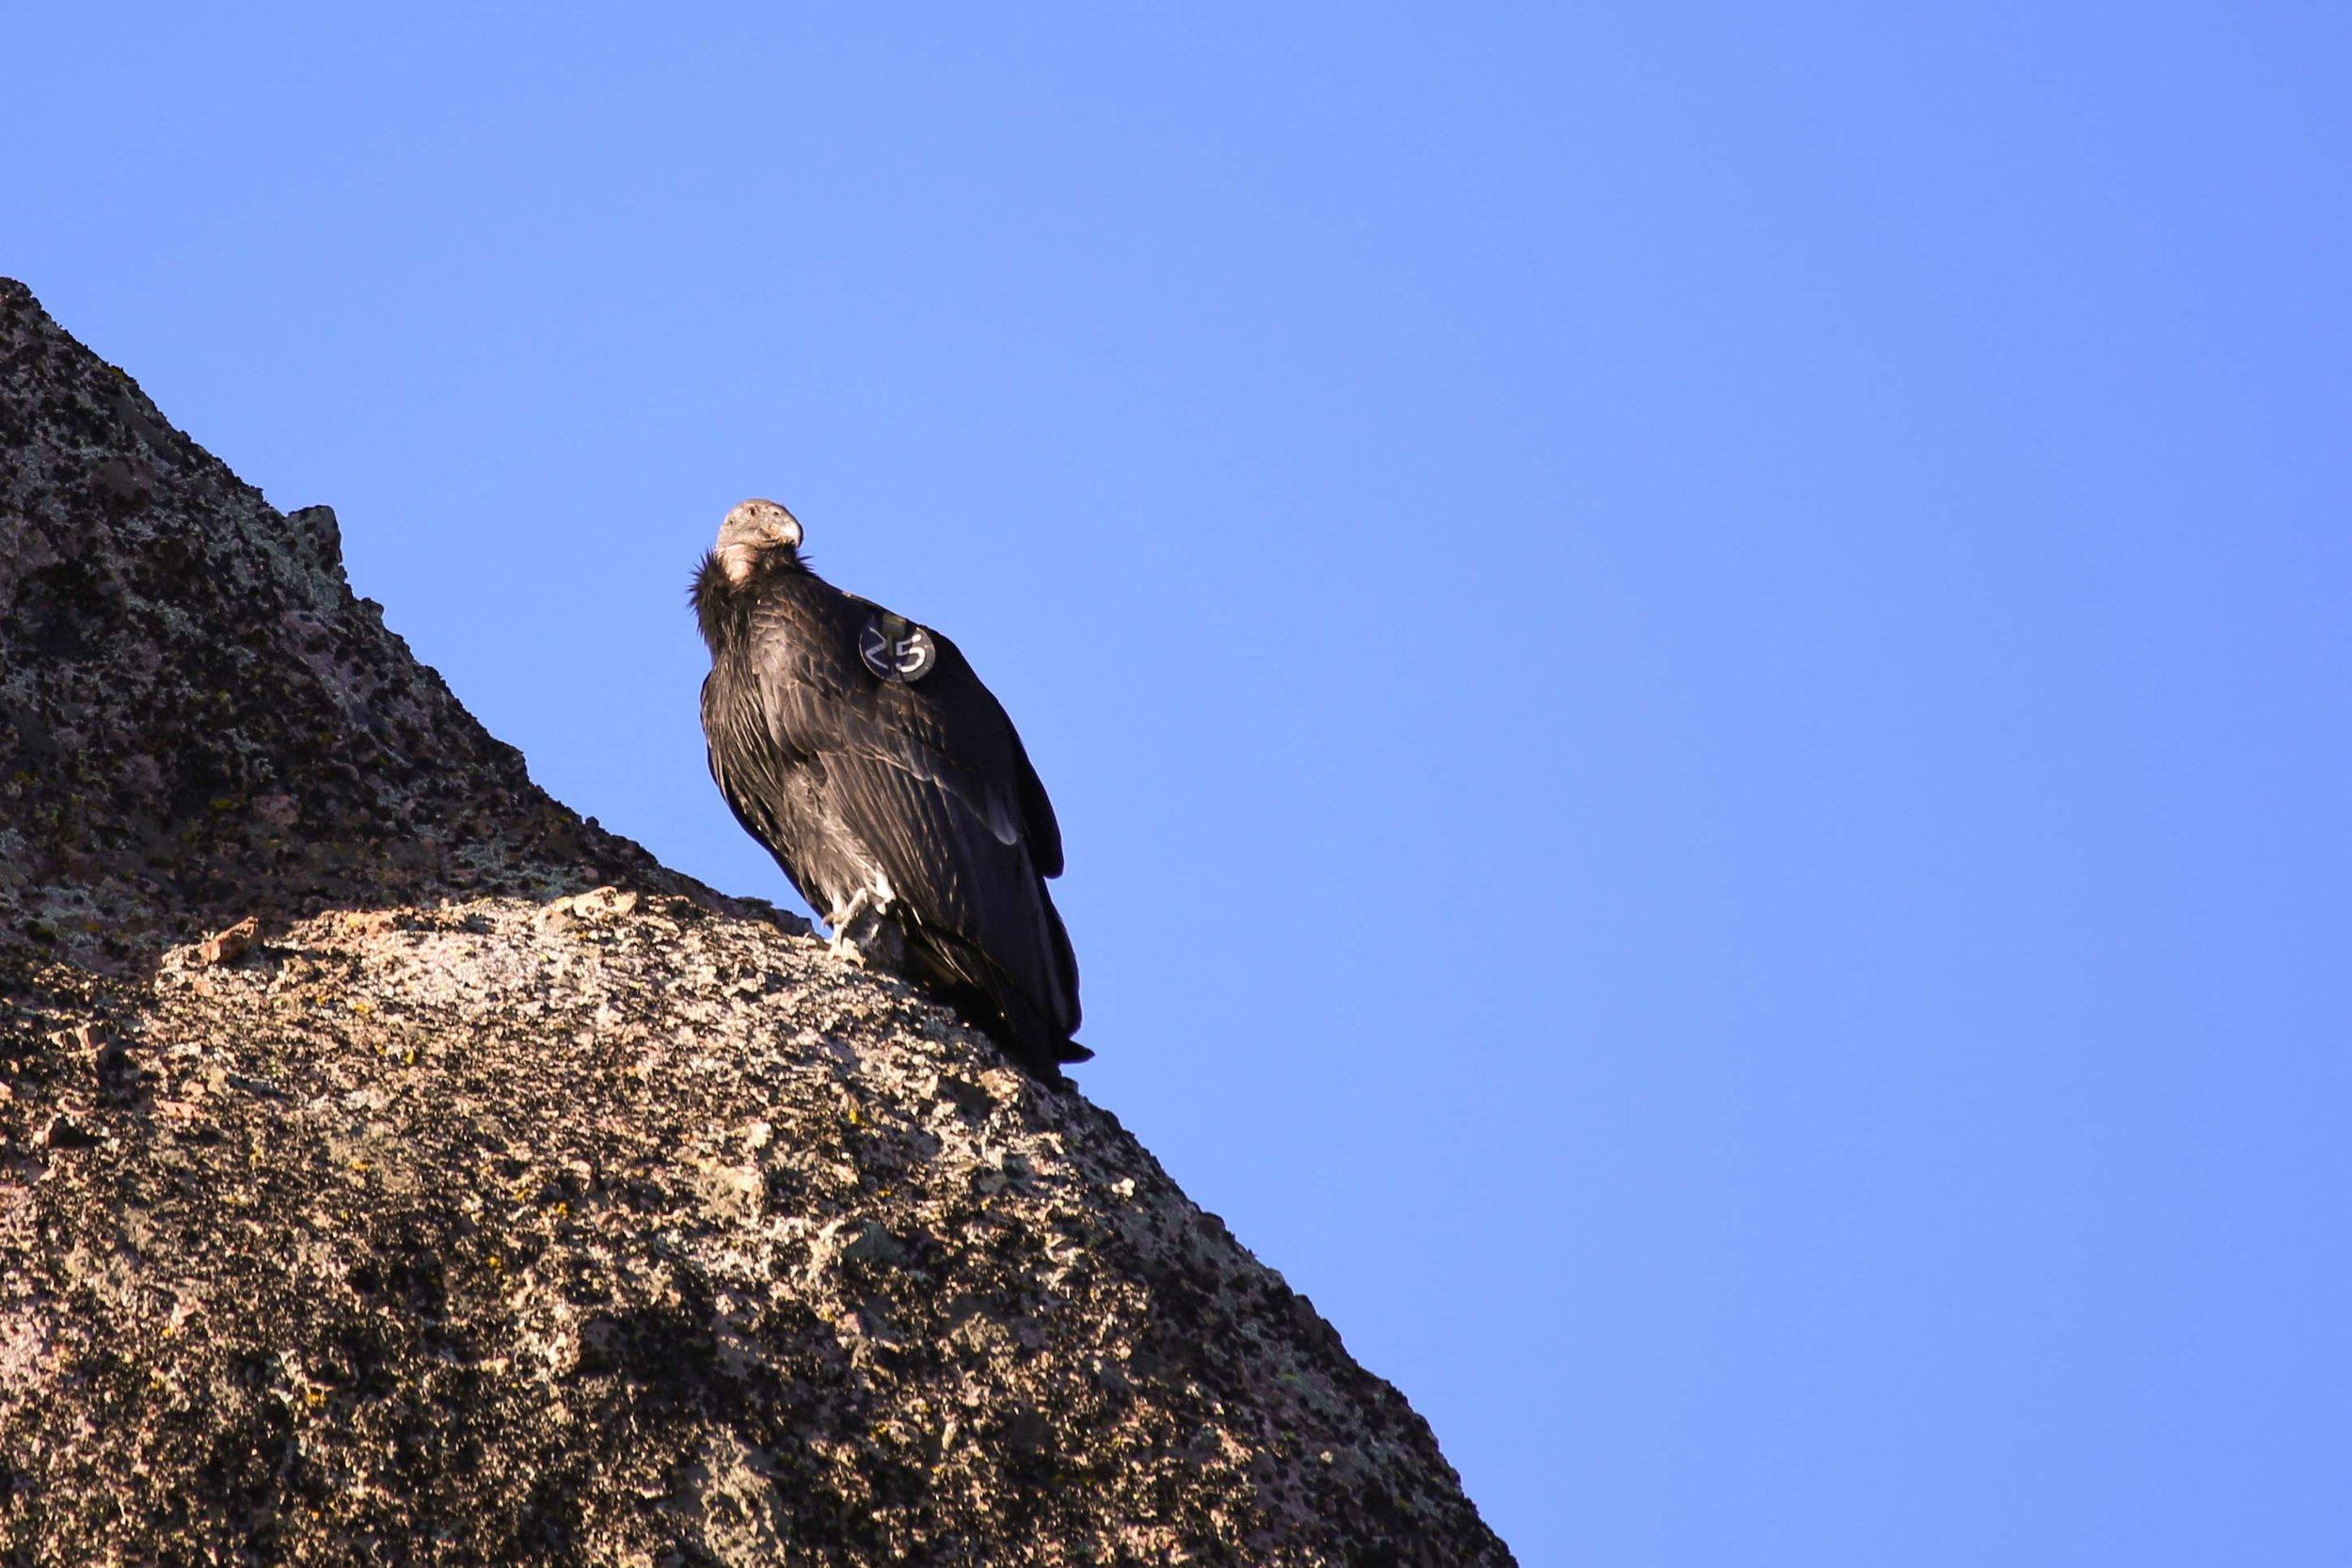 California Condor at Pinnacles National Park,  photo  by Joe Parks /  CC BY .